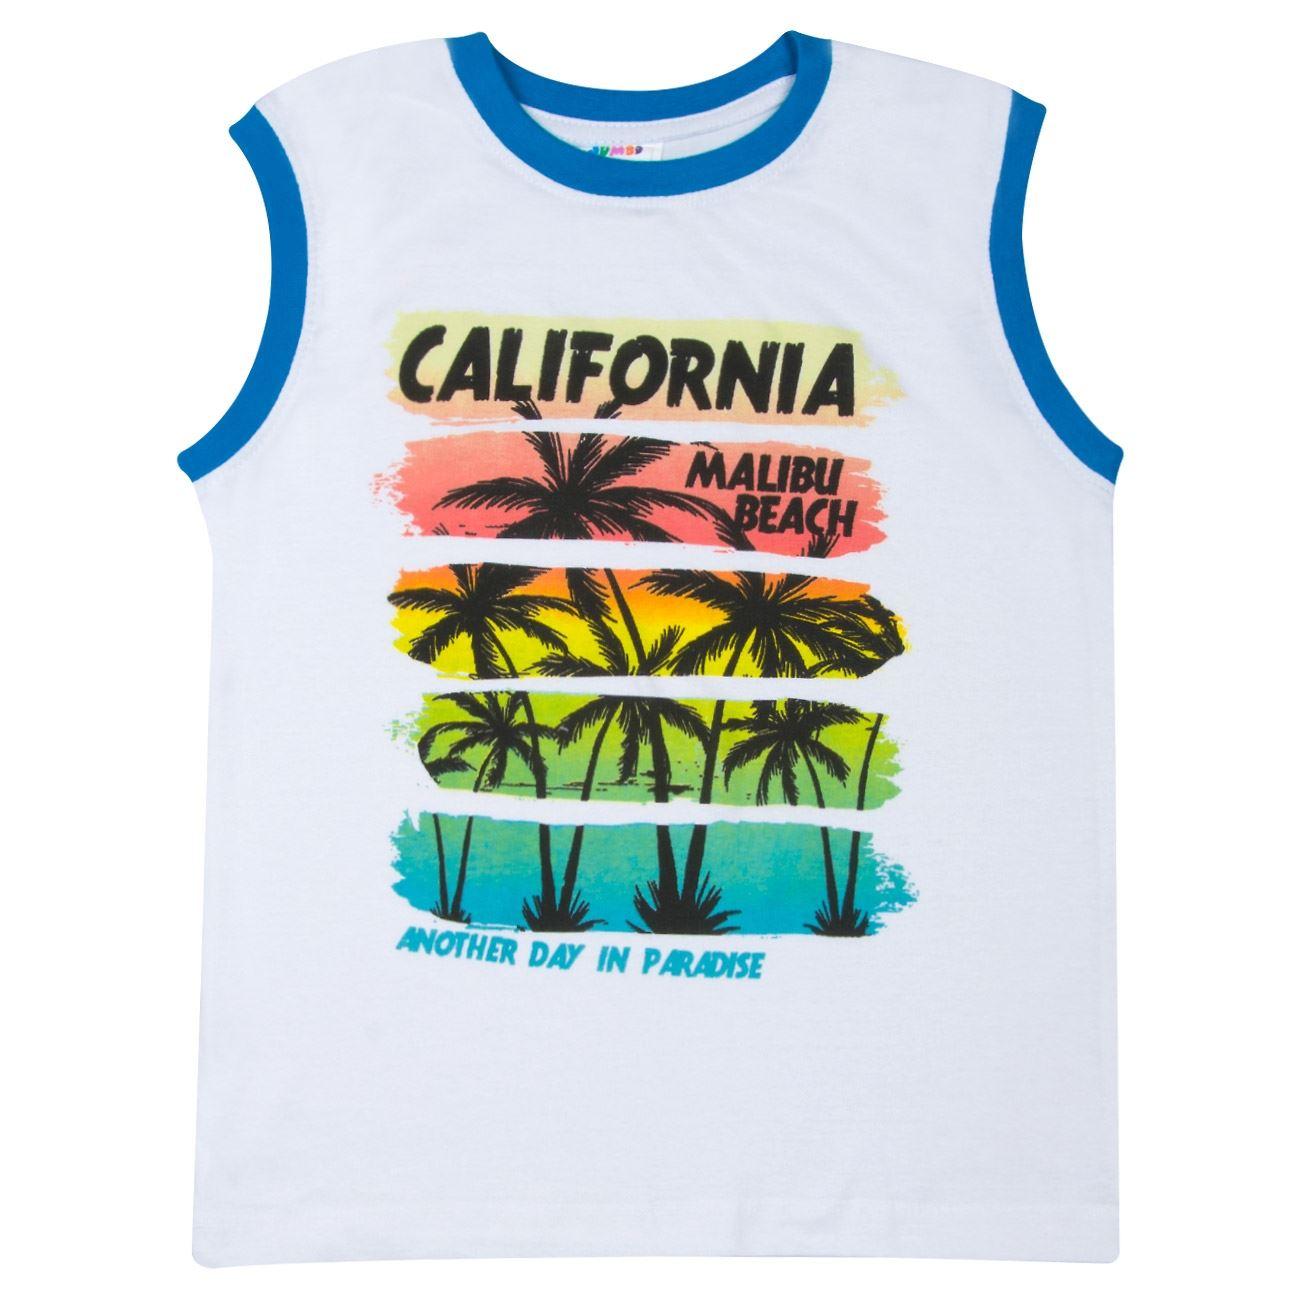 8bb20e87556 Μπλουζάκι Αμάνικο Παιδικό Λευκό Μπλε < Αμάνικες Μπλούζες για Αγόρια 4-6  Ετών | Jumbo